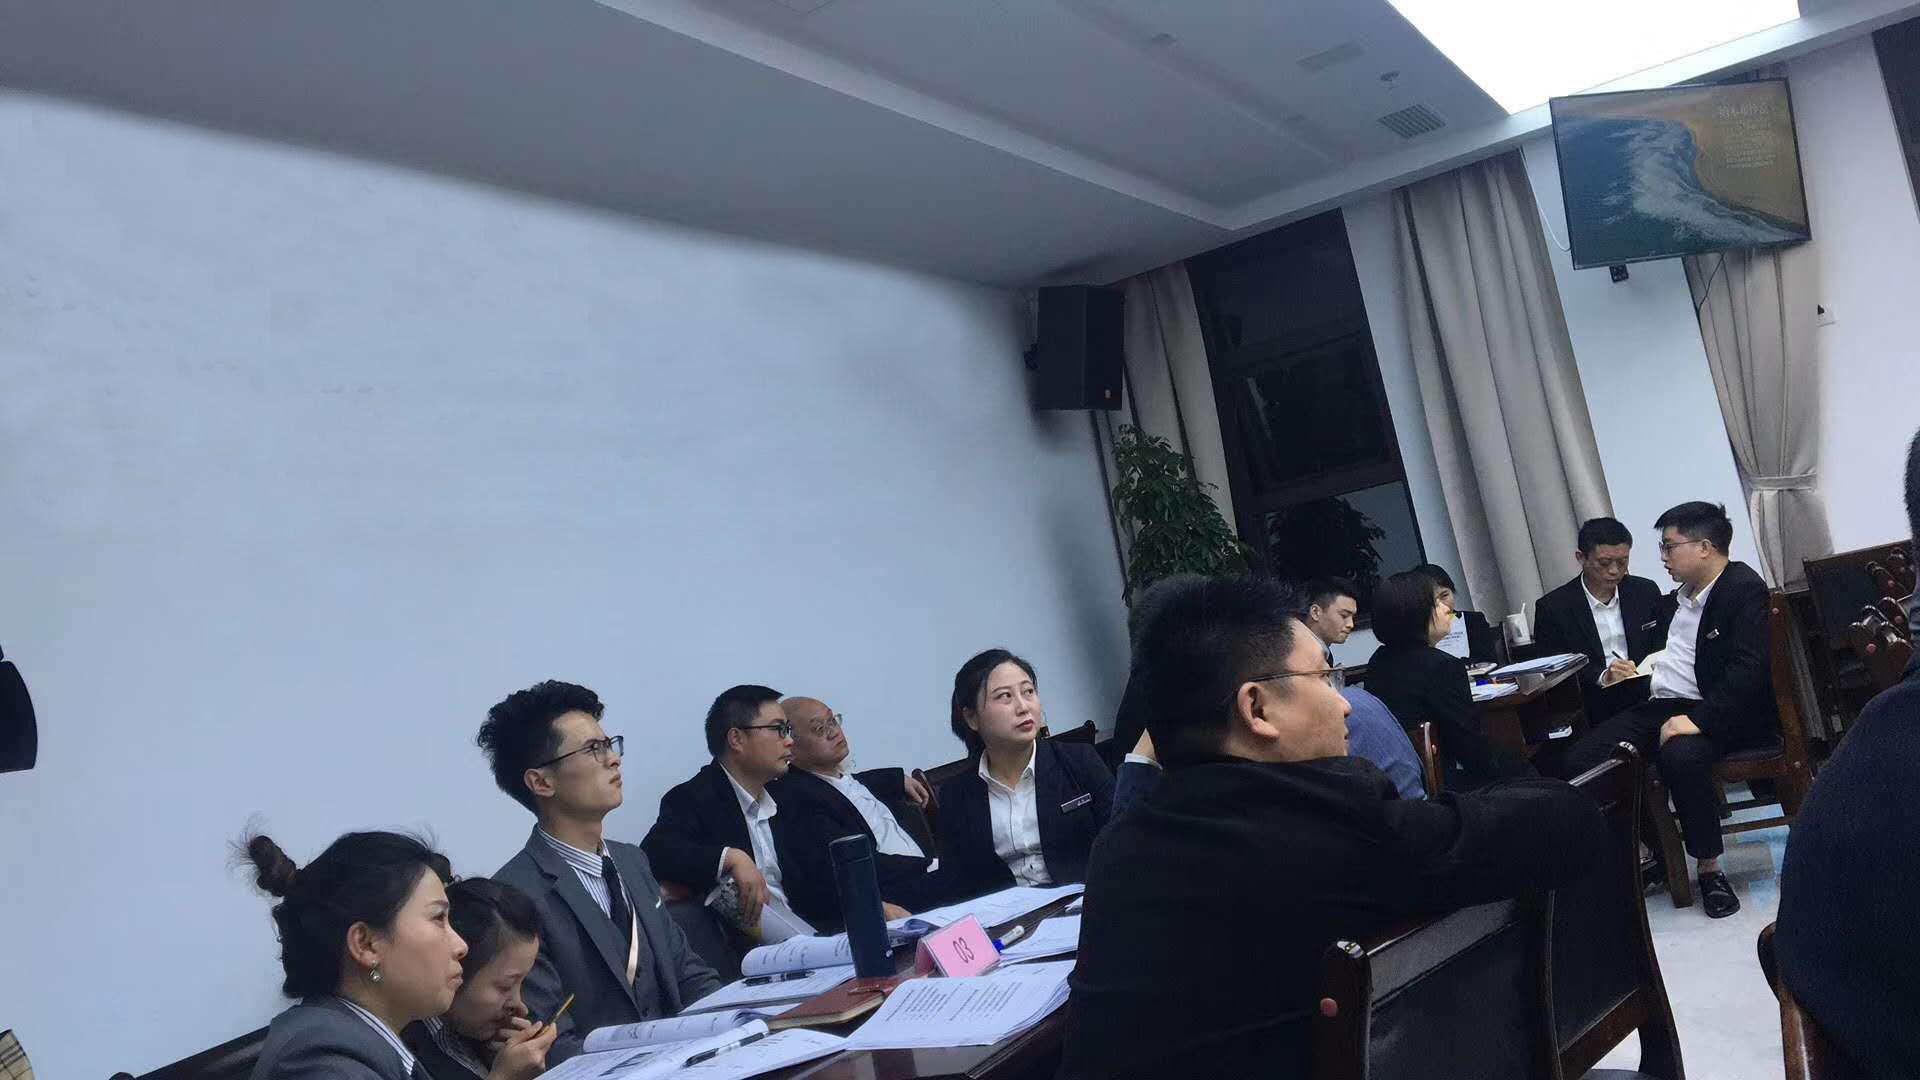 中房商学院为四川某集团实施《社区商业定位招商运营与销售》